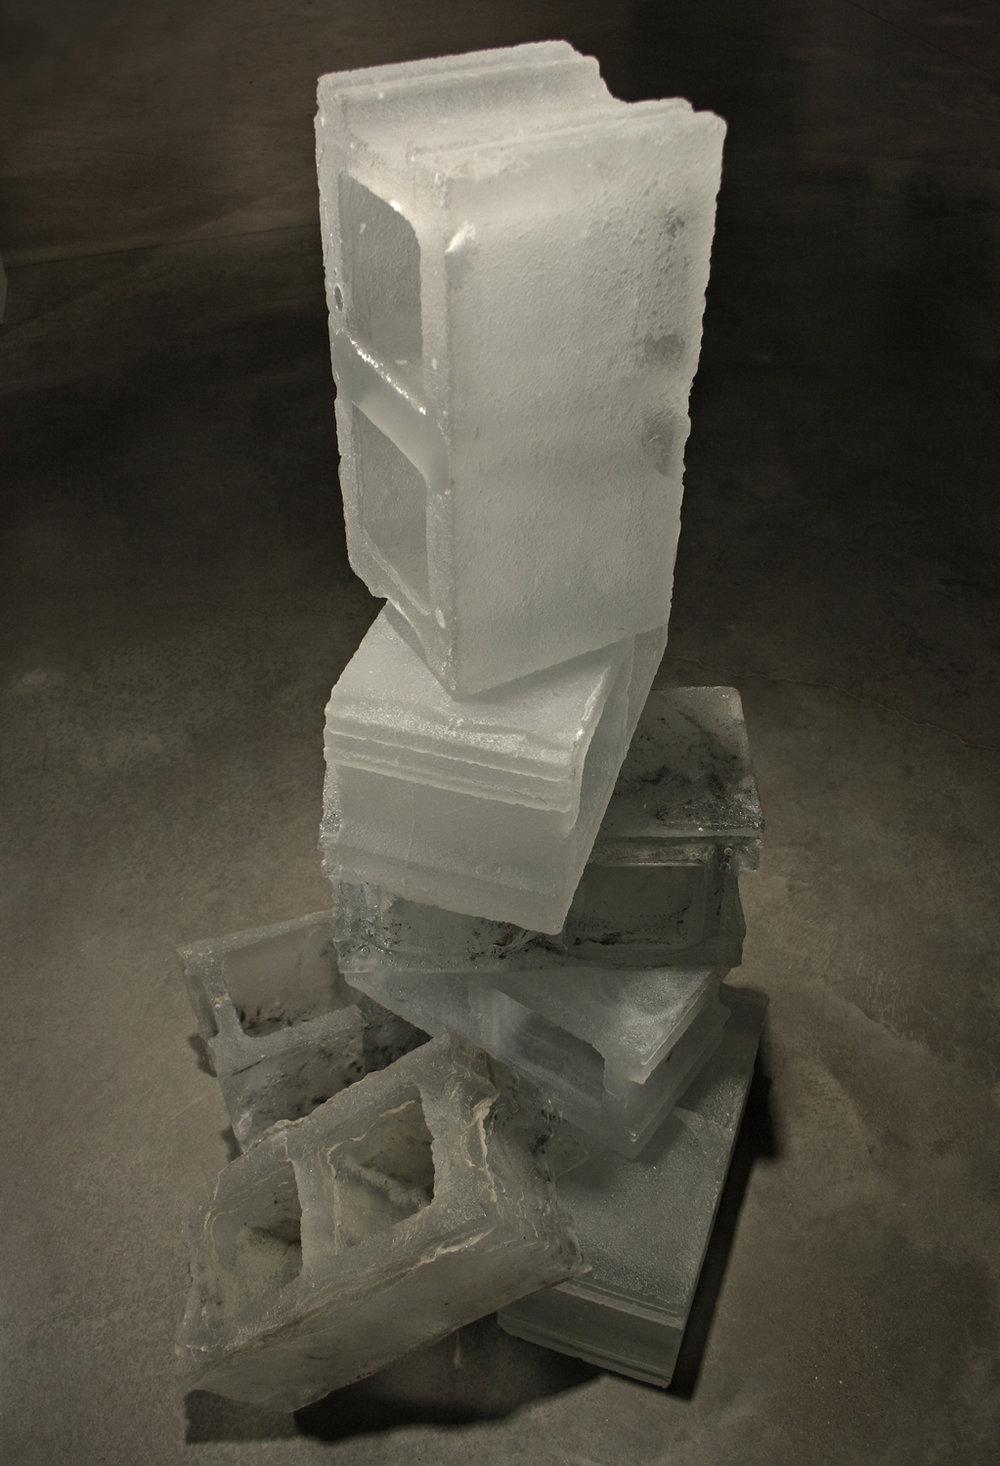 Repurposed Remnants, 2008